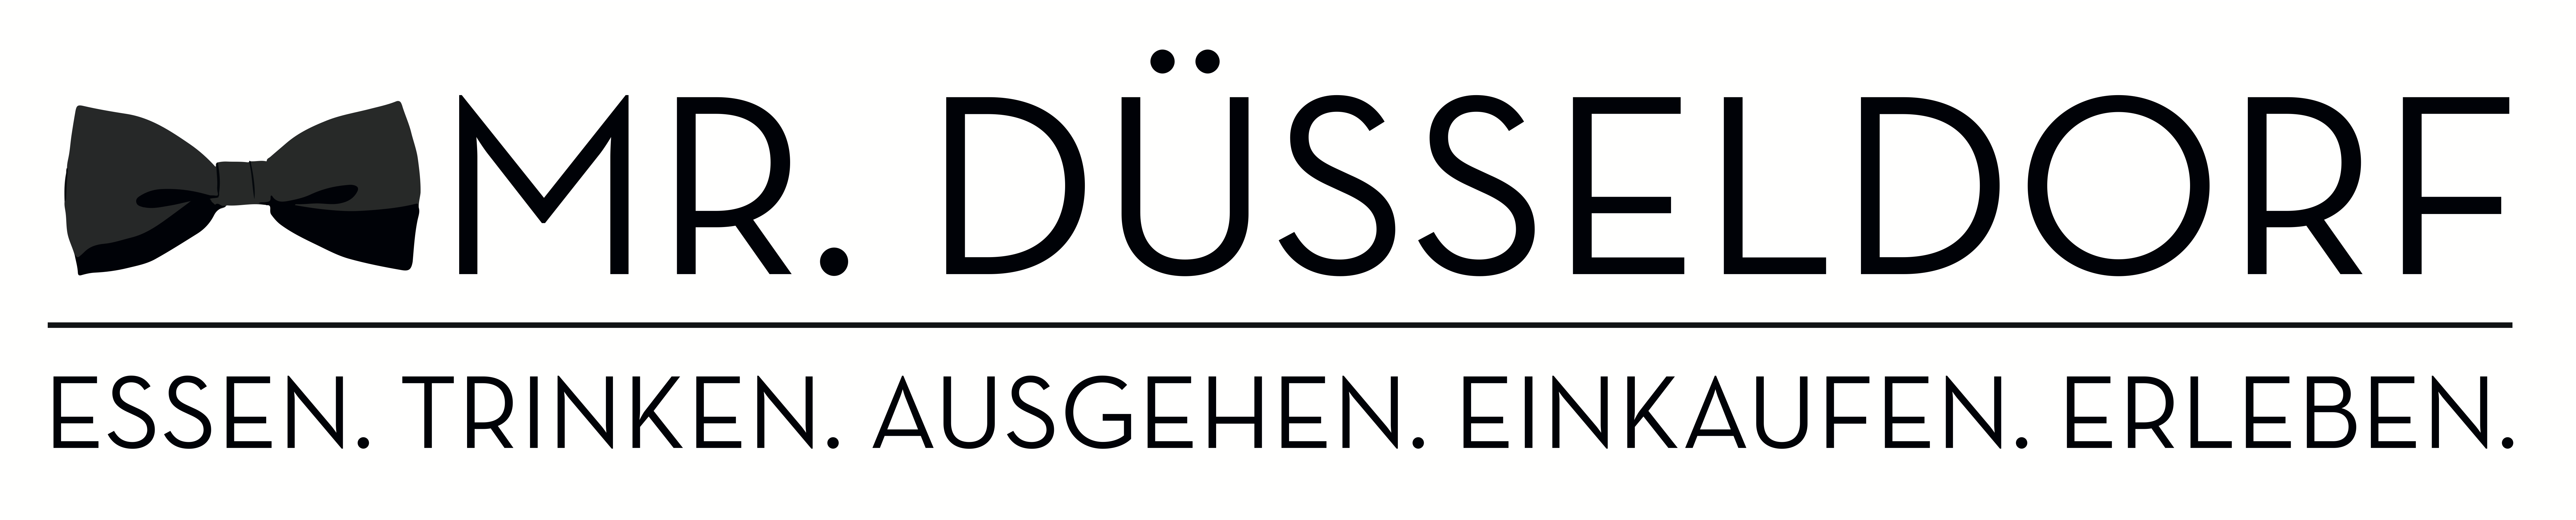 10 Lieblingsläden Zum Brunchen Und Frühstücken In Düsseldorf